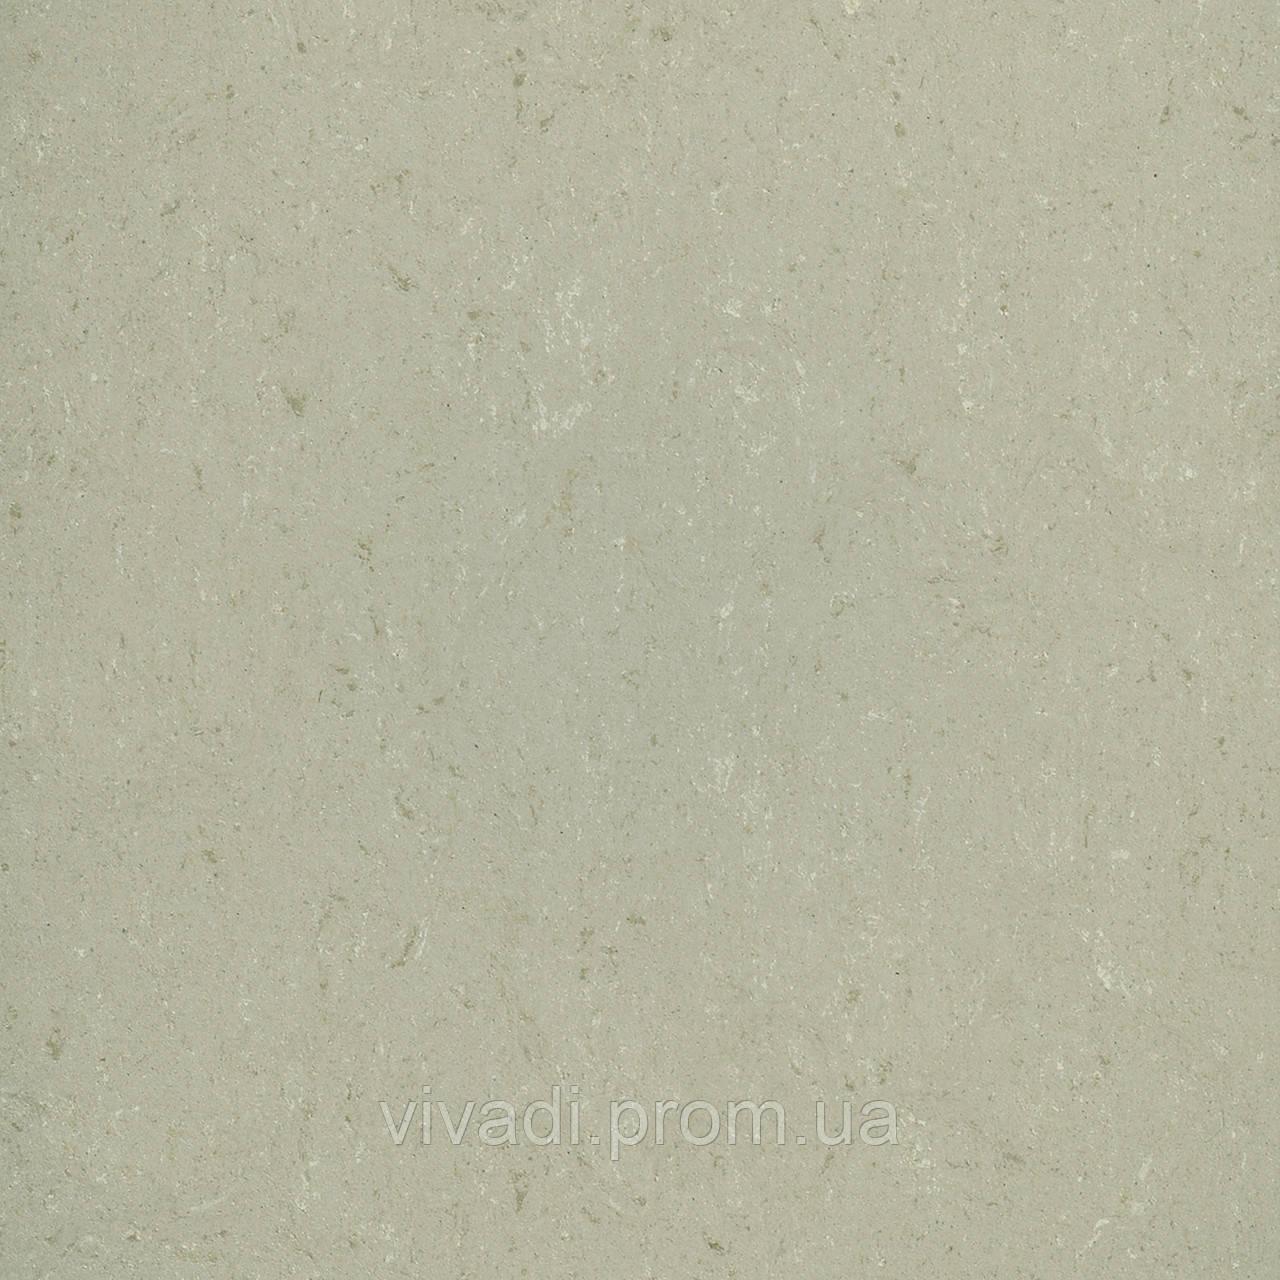 Натуральний лінолеум Colorette PUR - колір 137-012